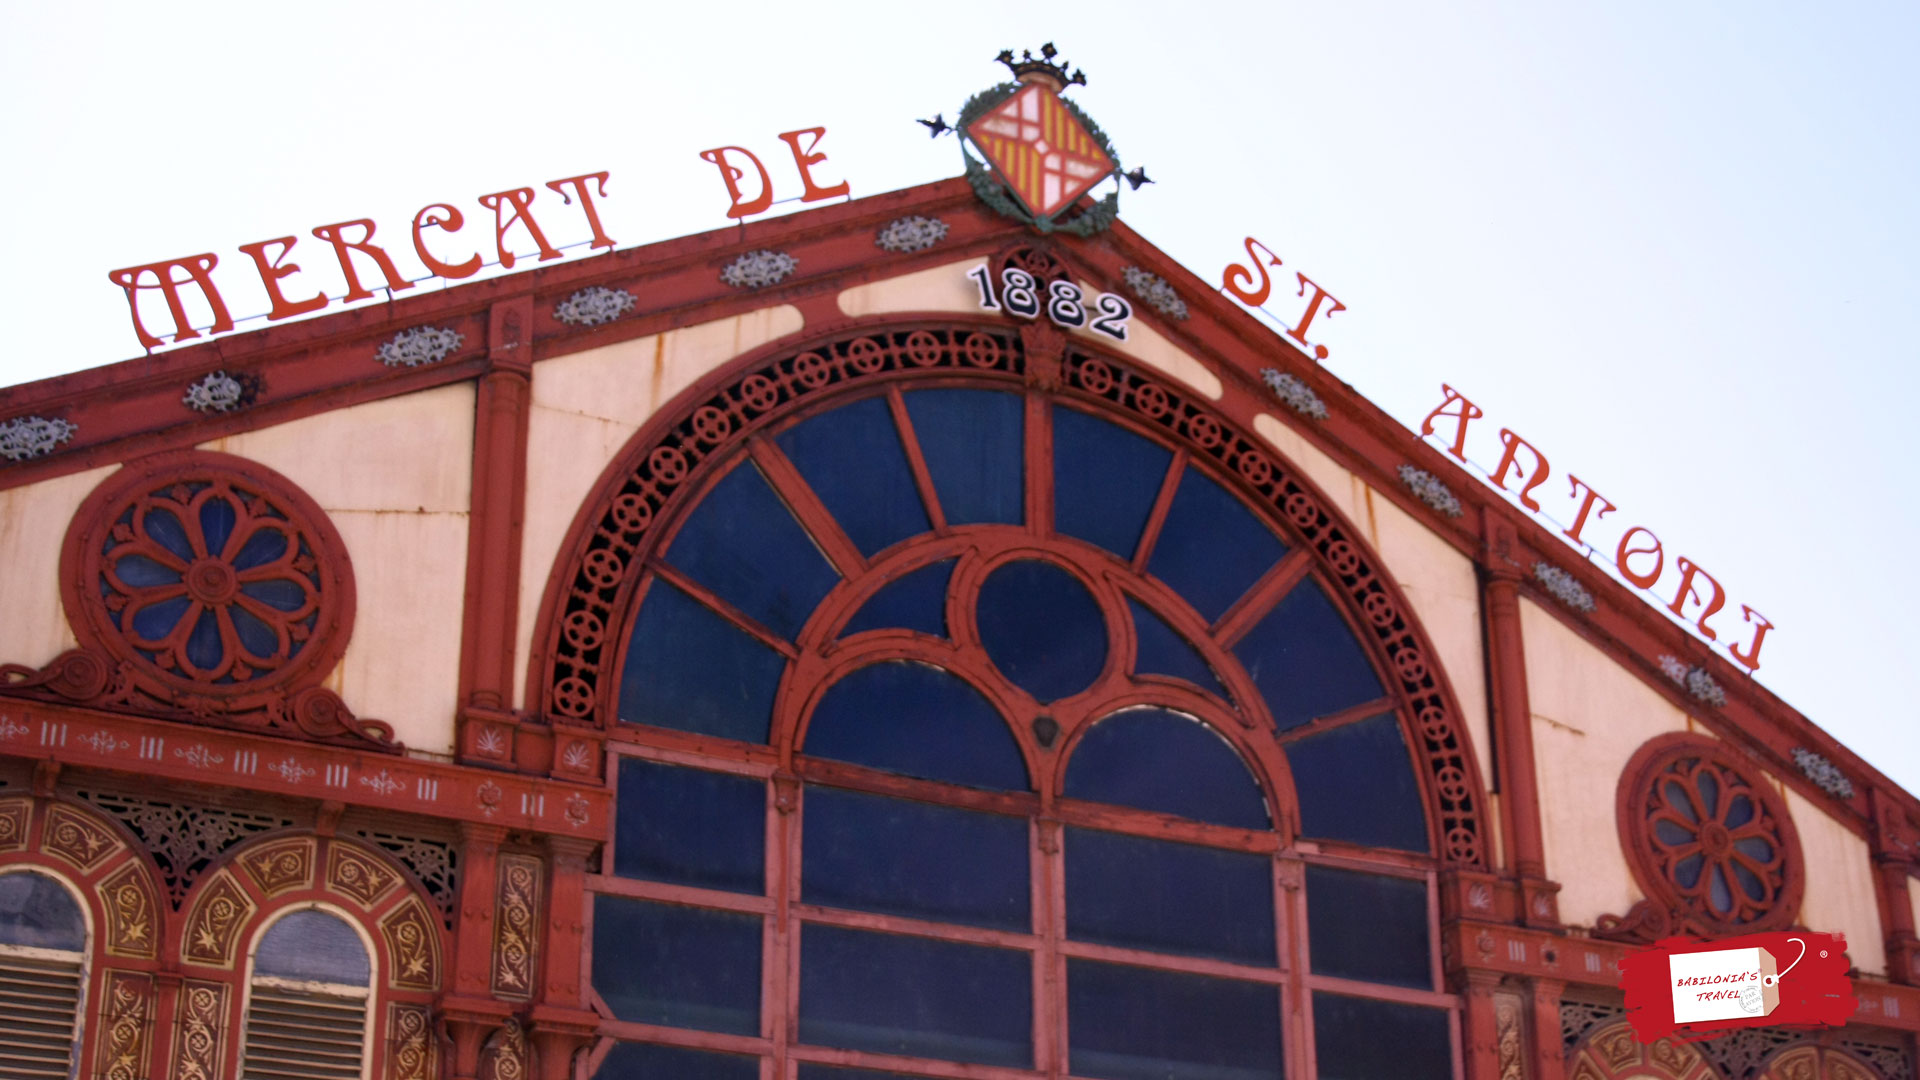 El 'sile, Nole' Del Mercat De Sant Antoni